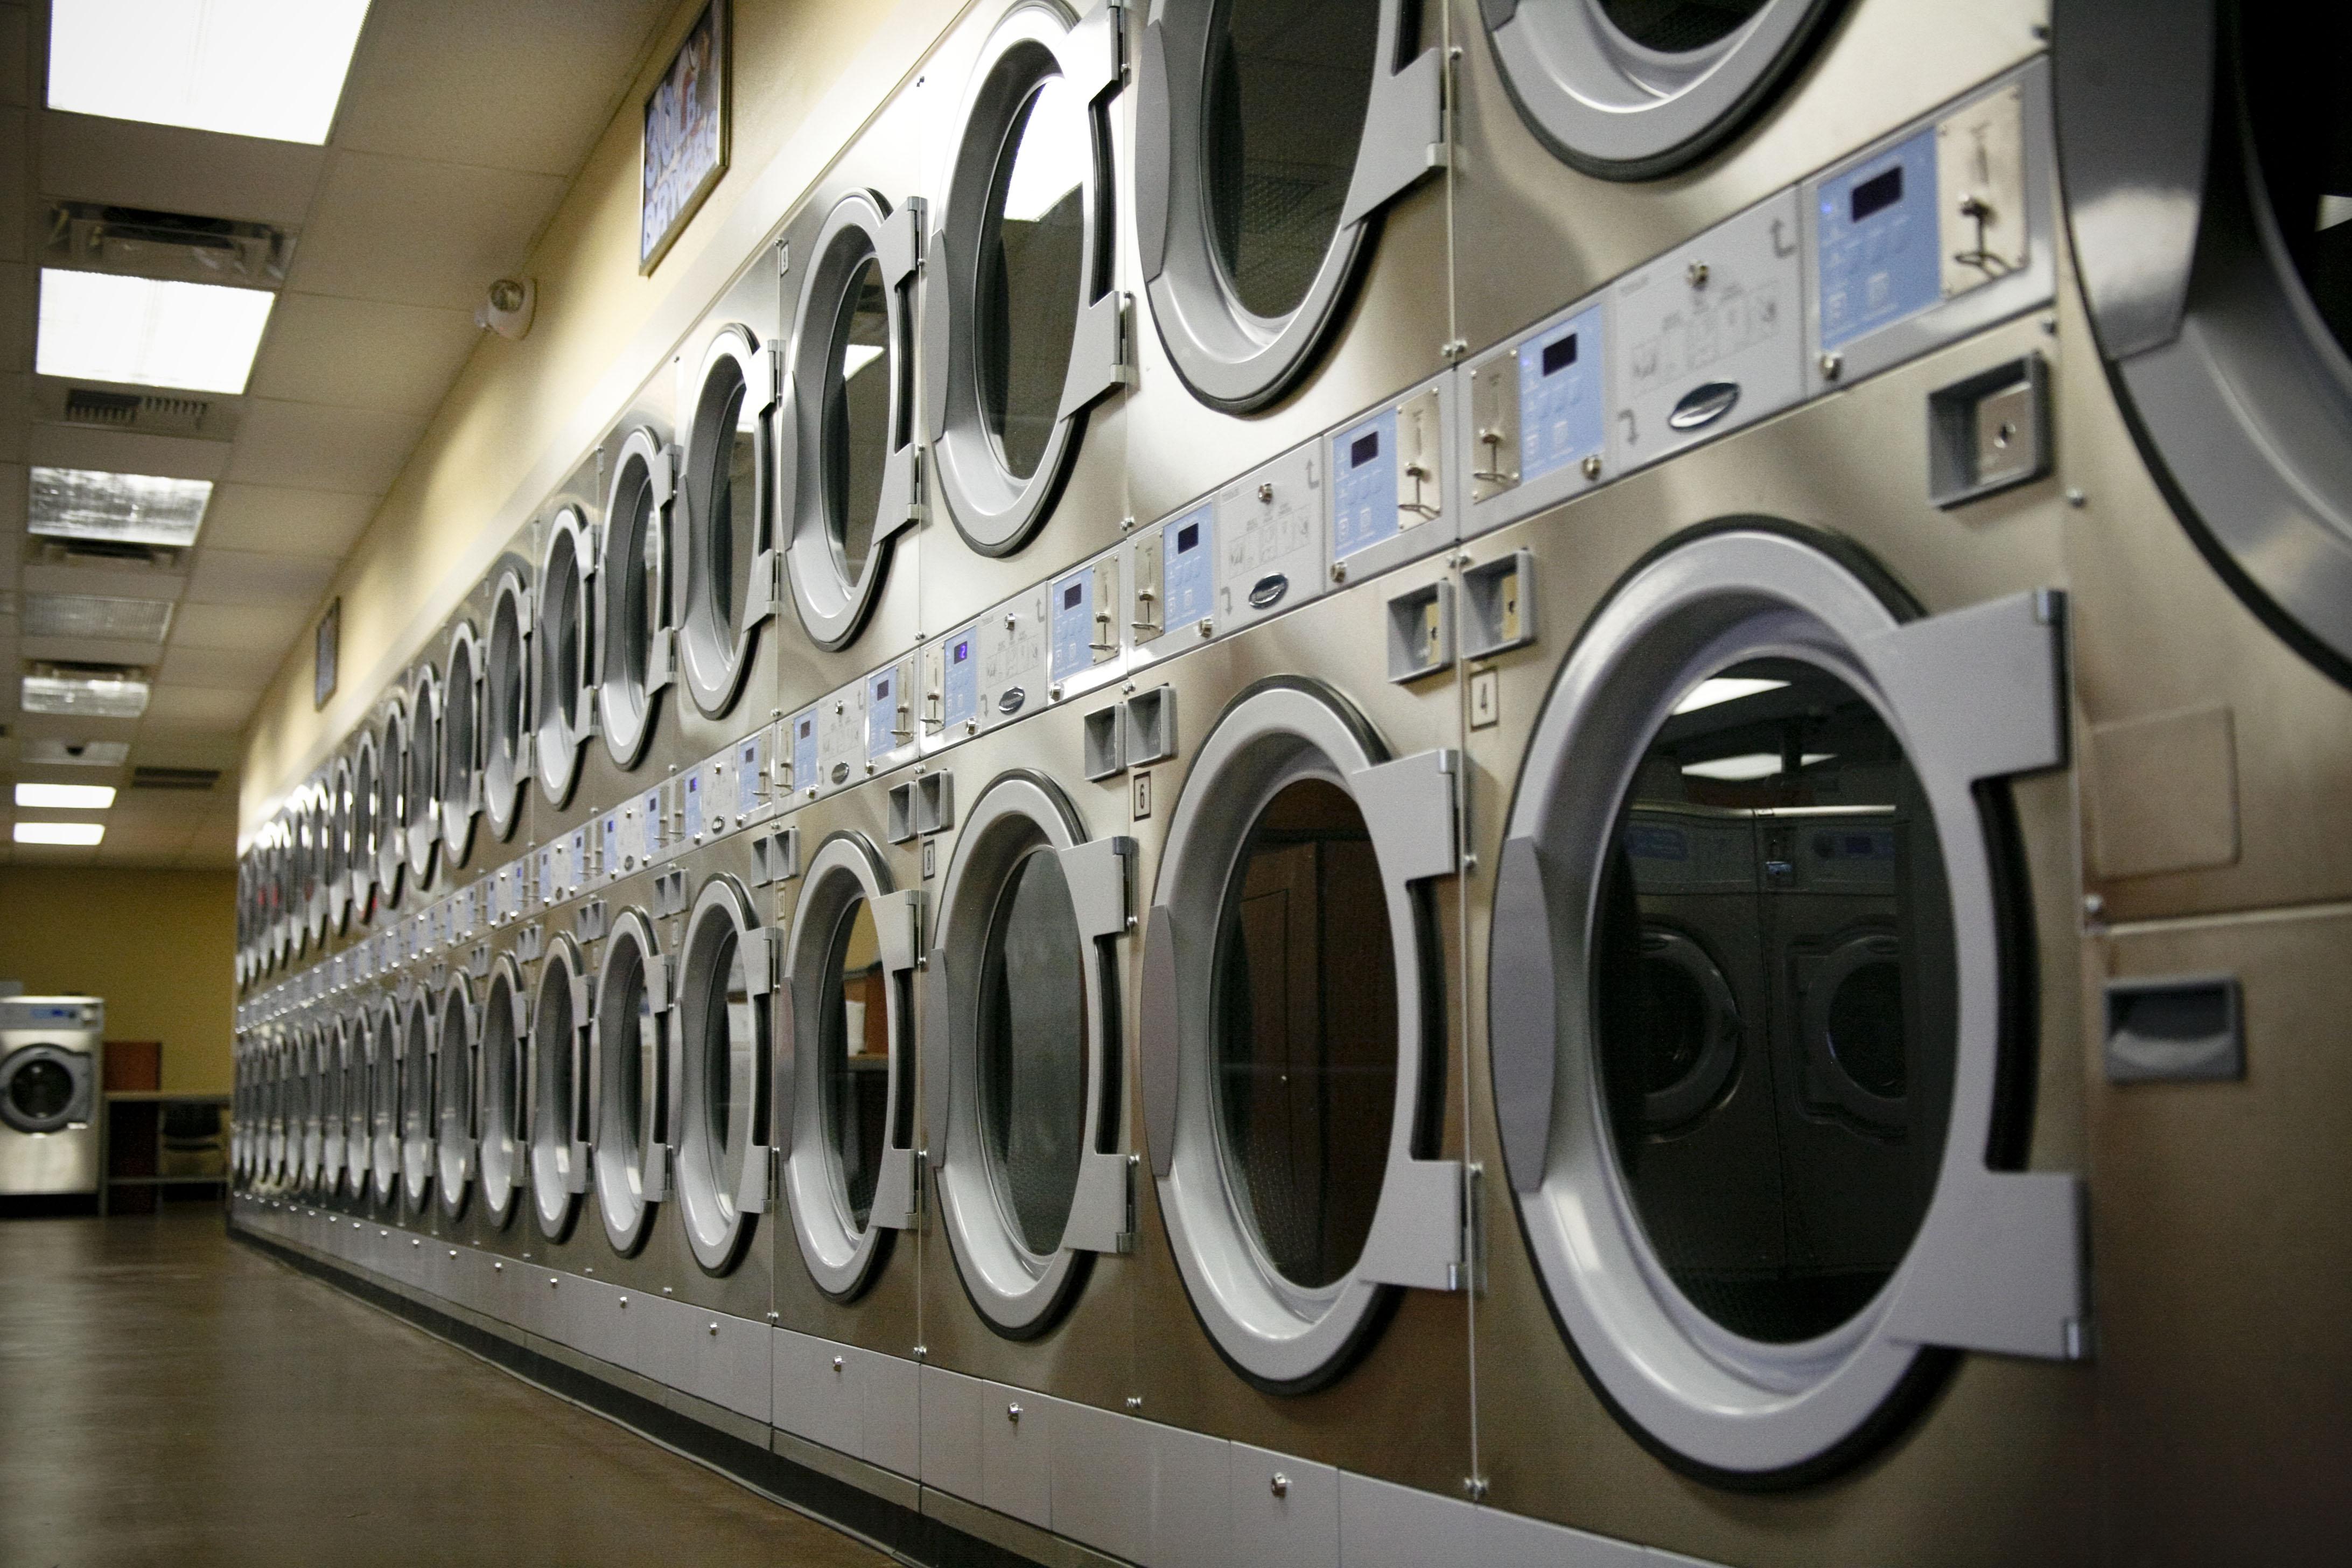 kelebihan dan kekurangan laundry di indonesia